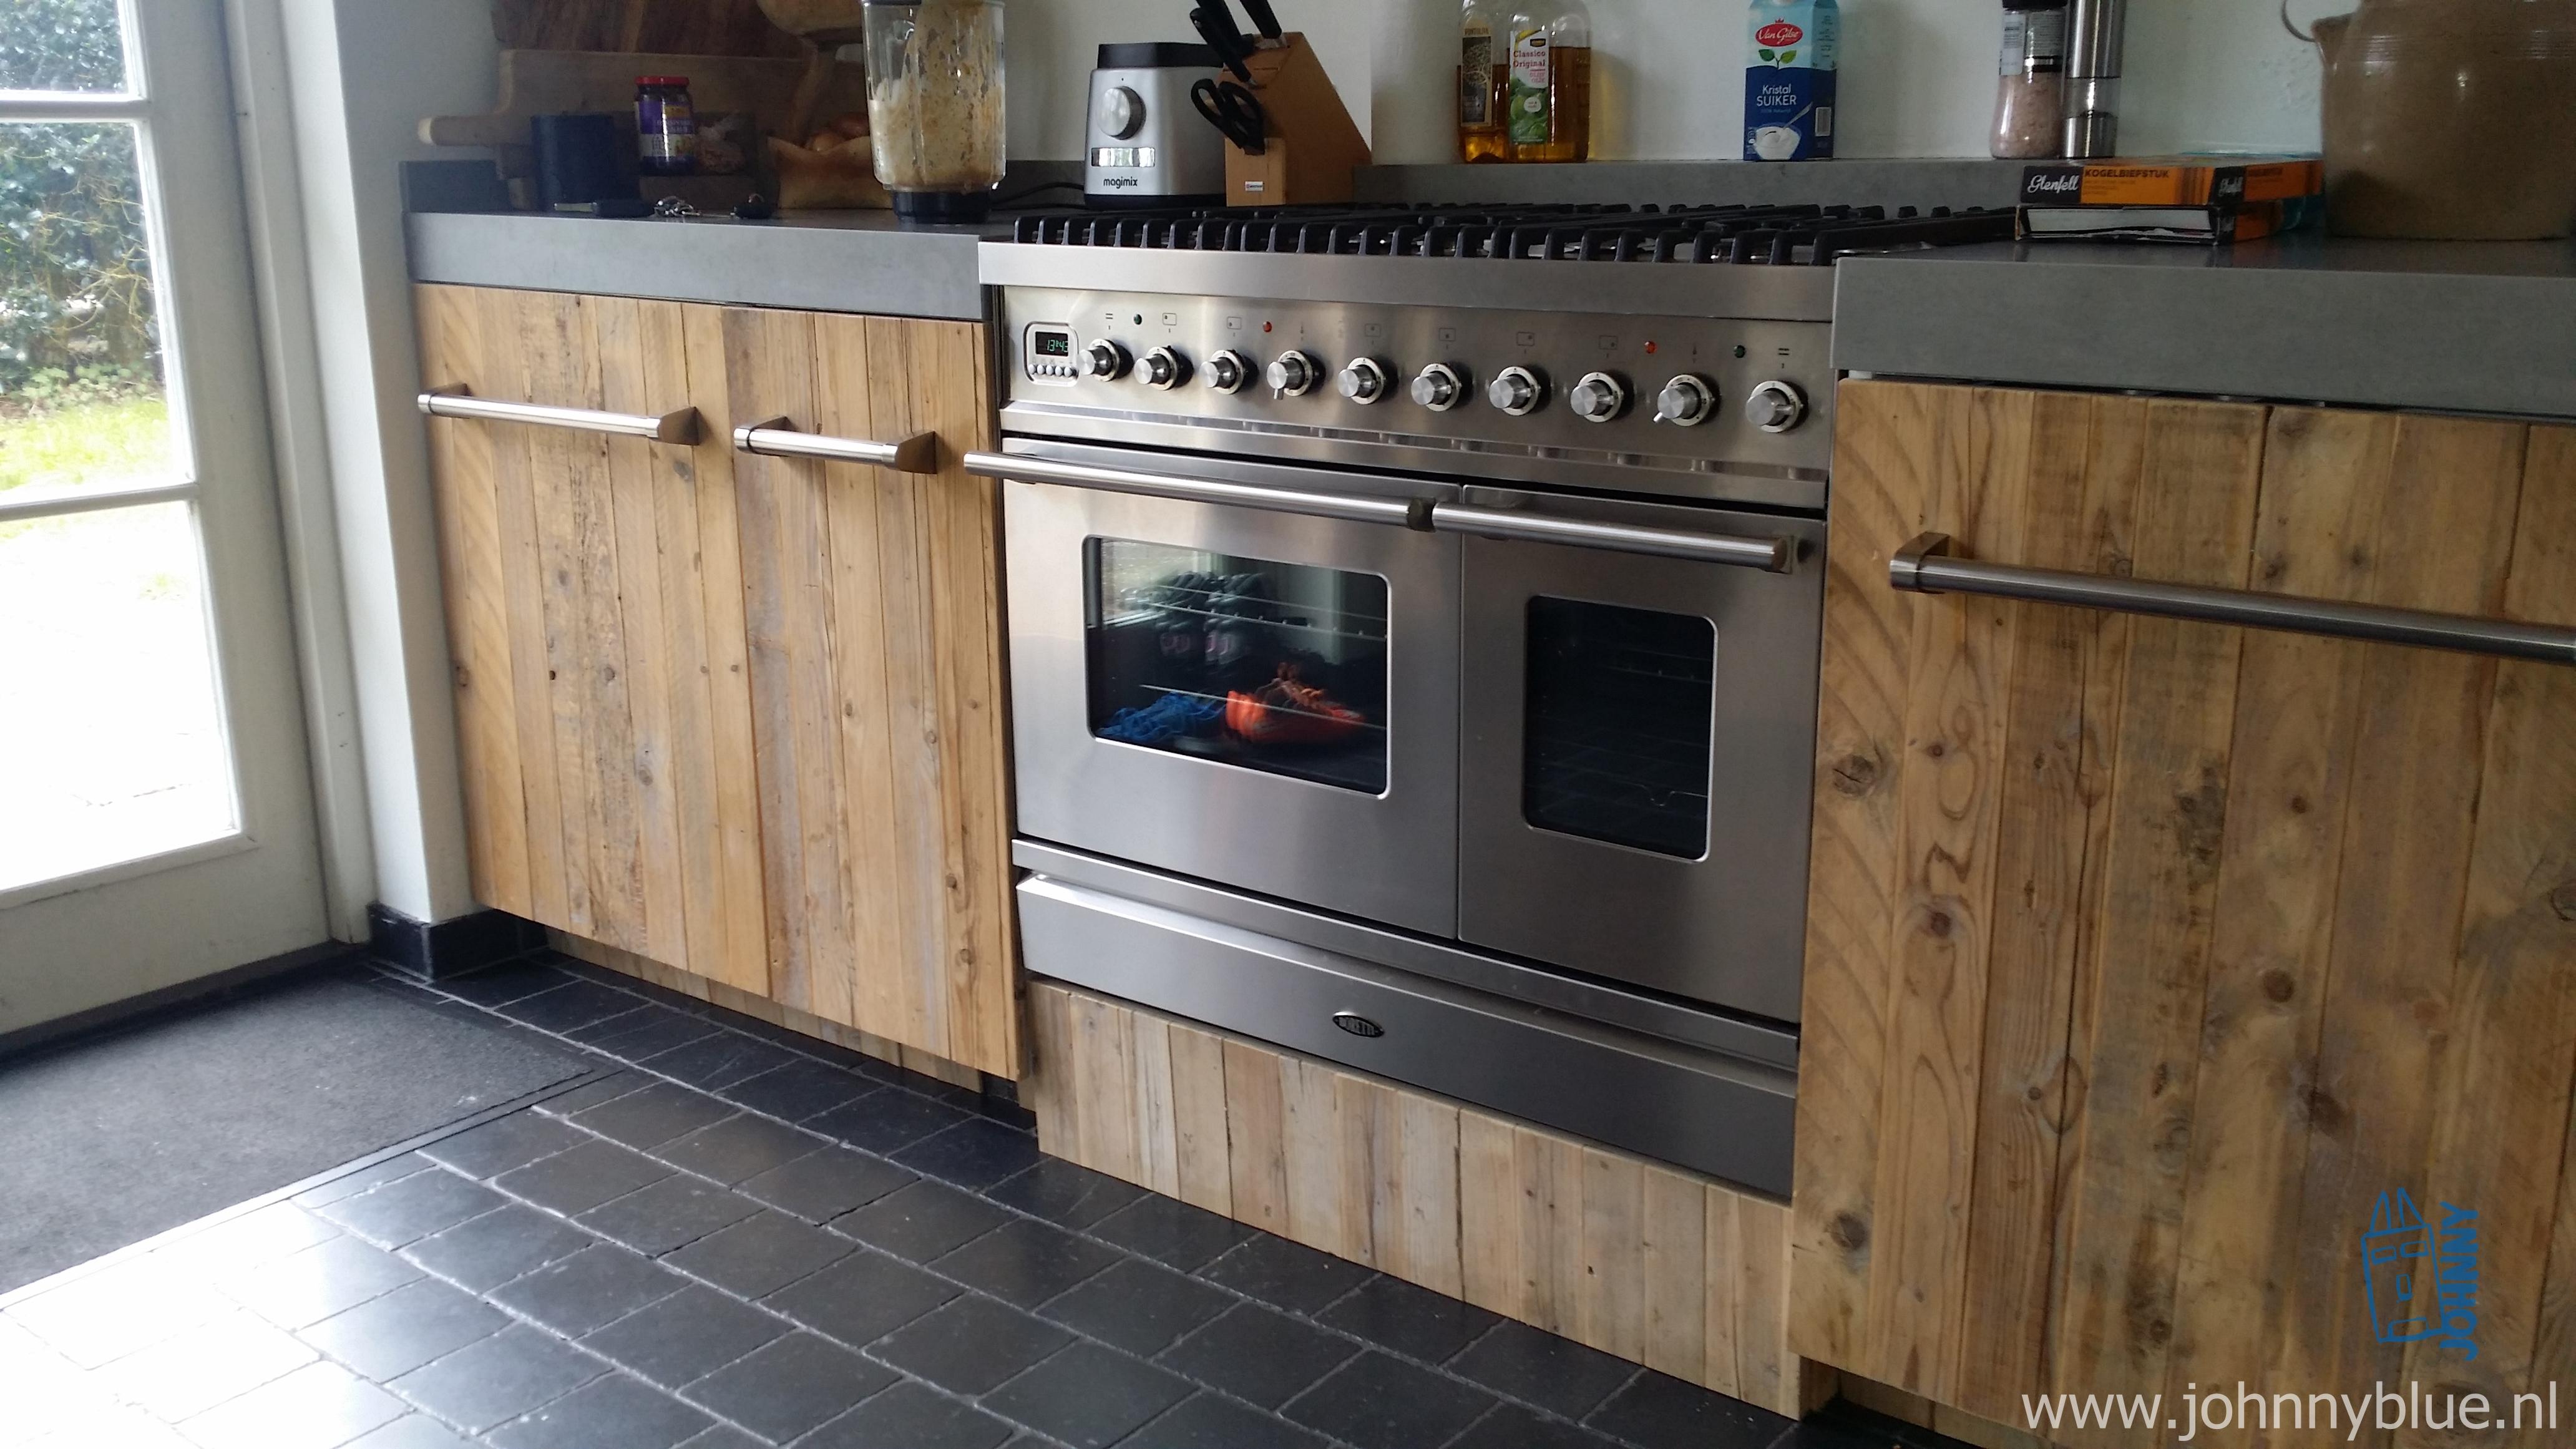 Steigerhouten Keuken Ikea : Geliefde steigerhouten keuken ikea qa belbin